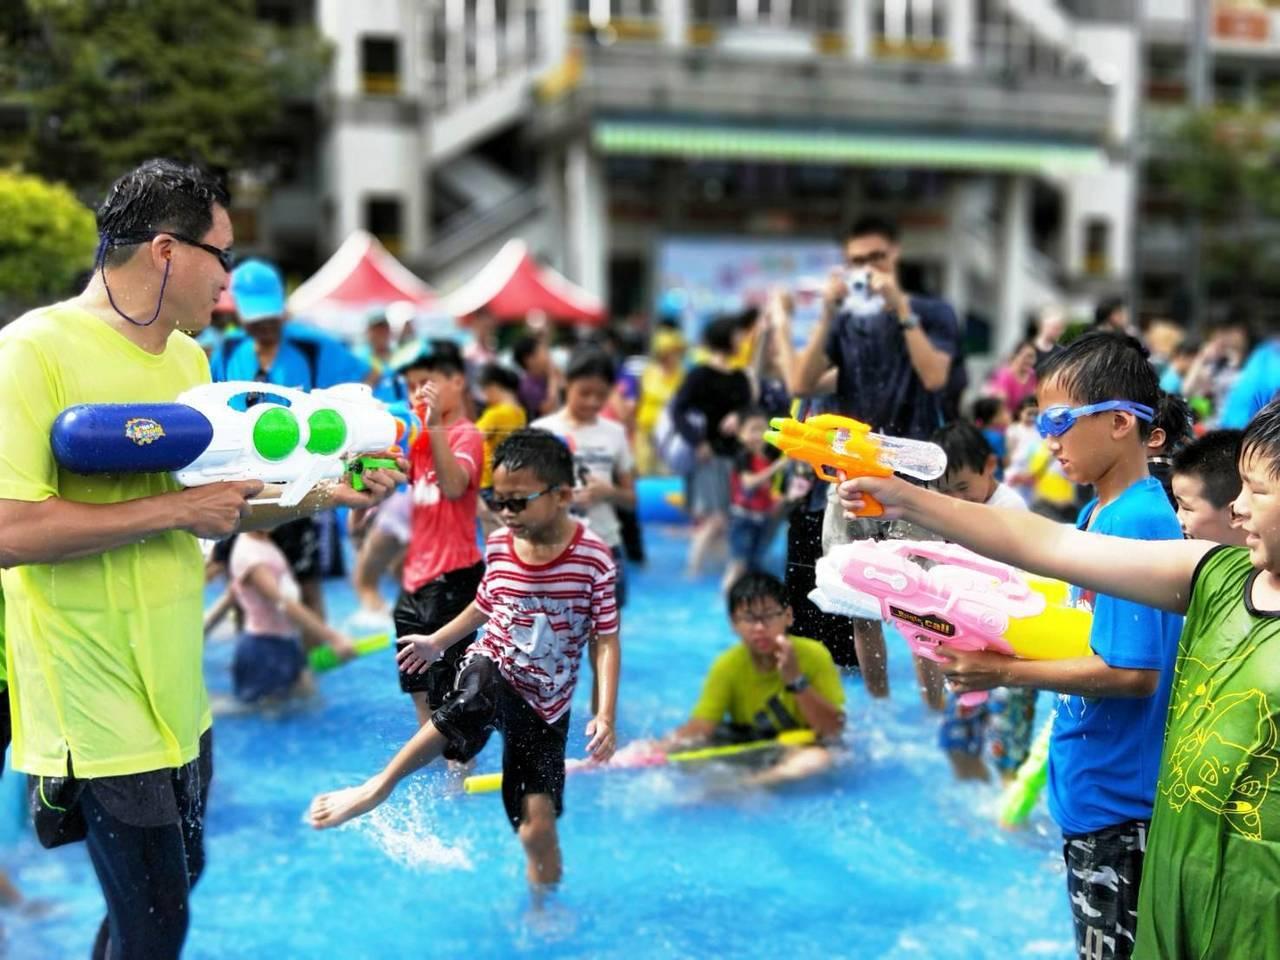 員林市長張錦昆不計形象,拿起水槍跟一群小朋友在戲水池大玩水槍戰,成為眾「槍」之的...